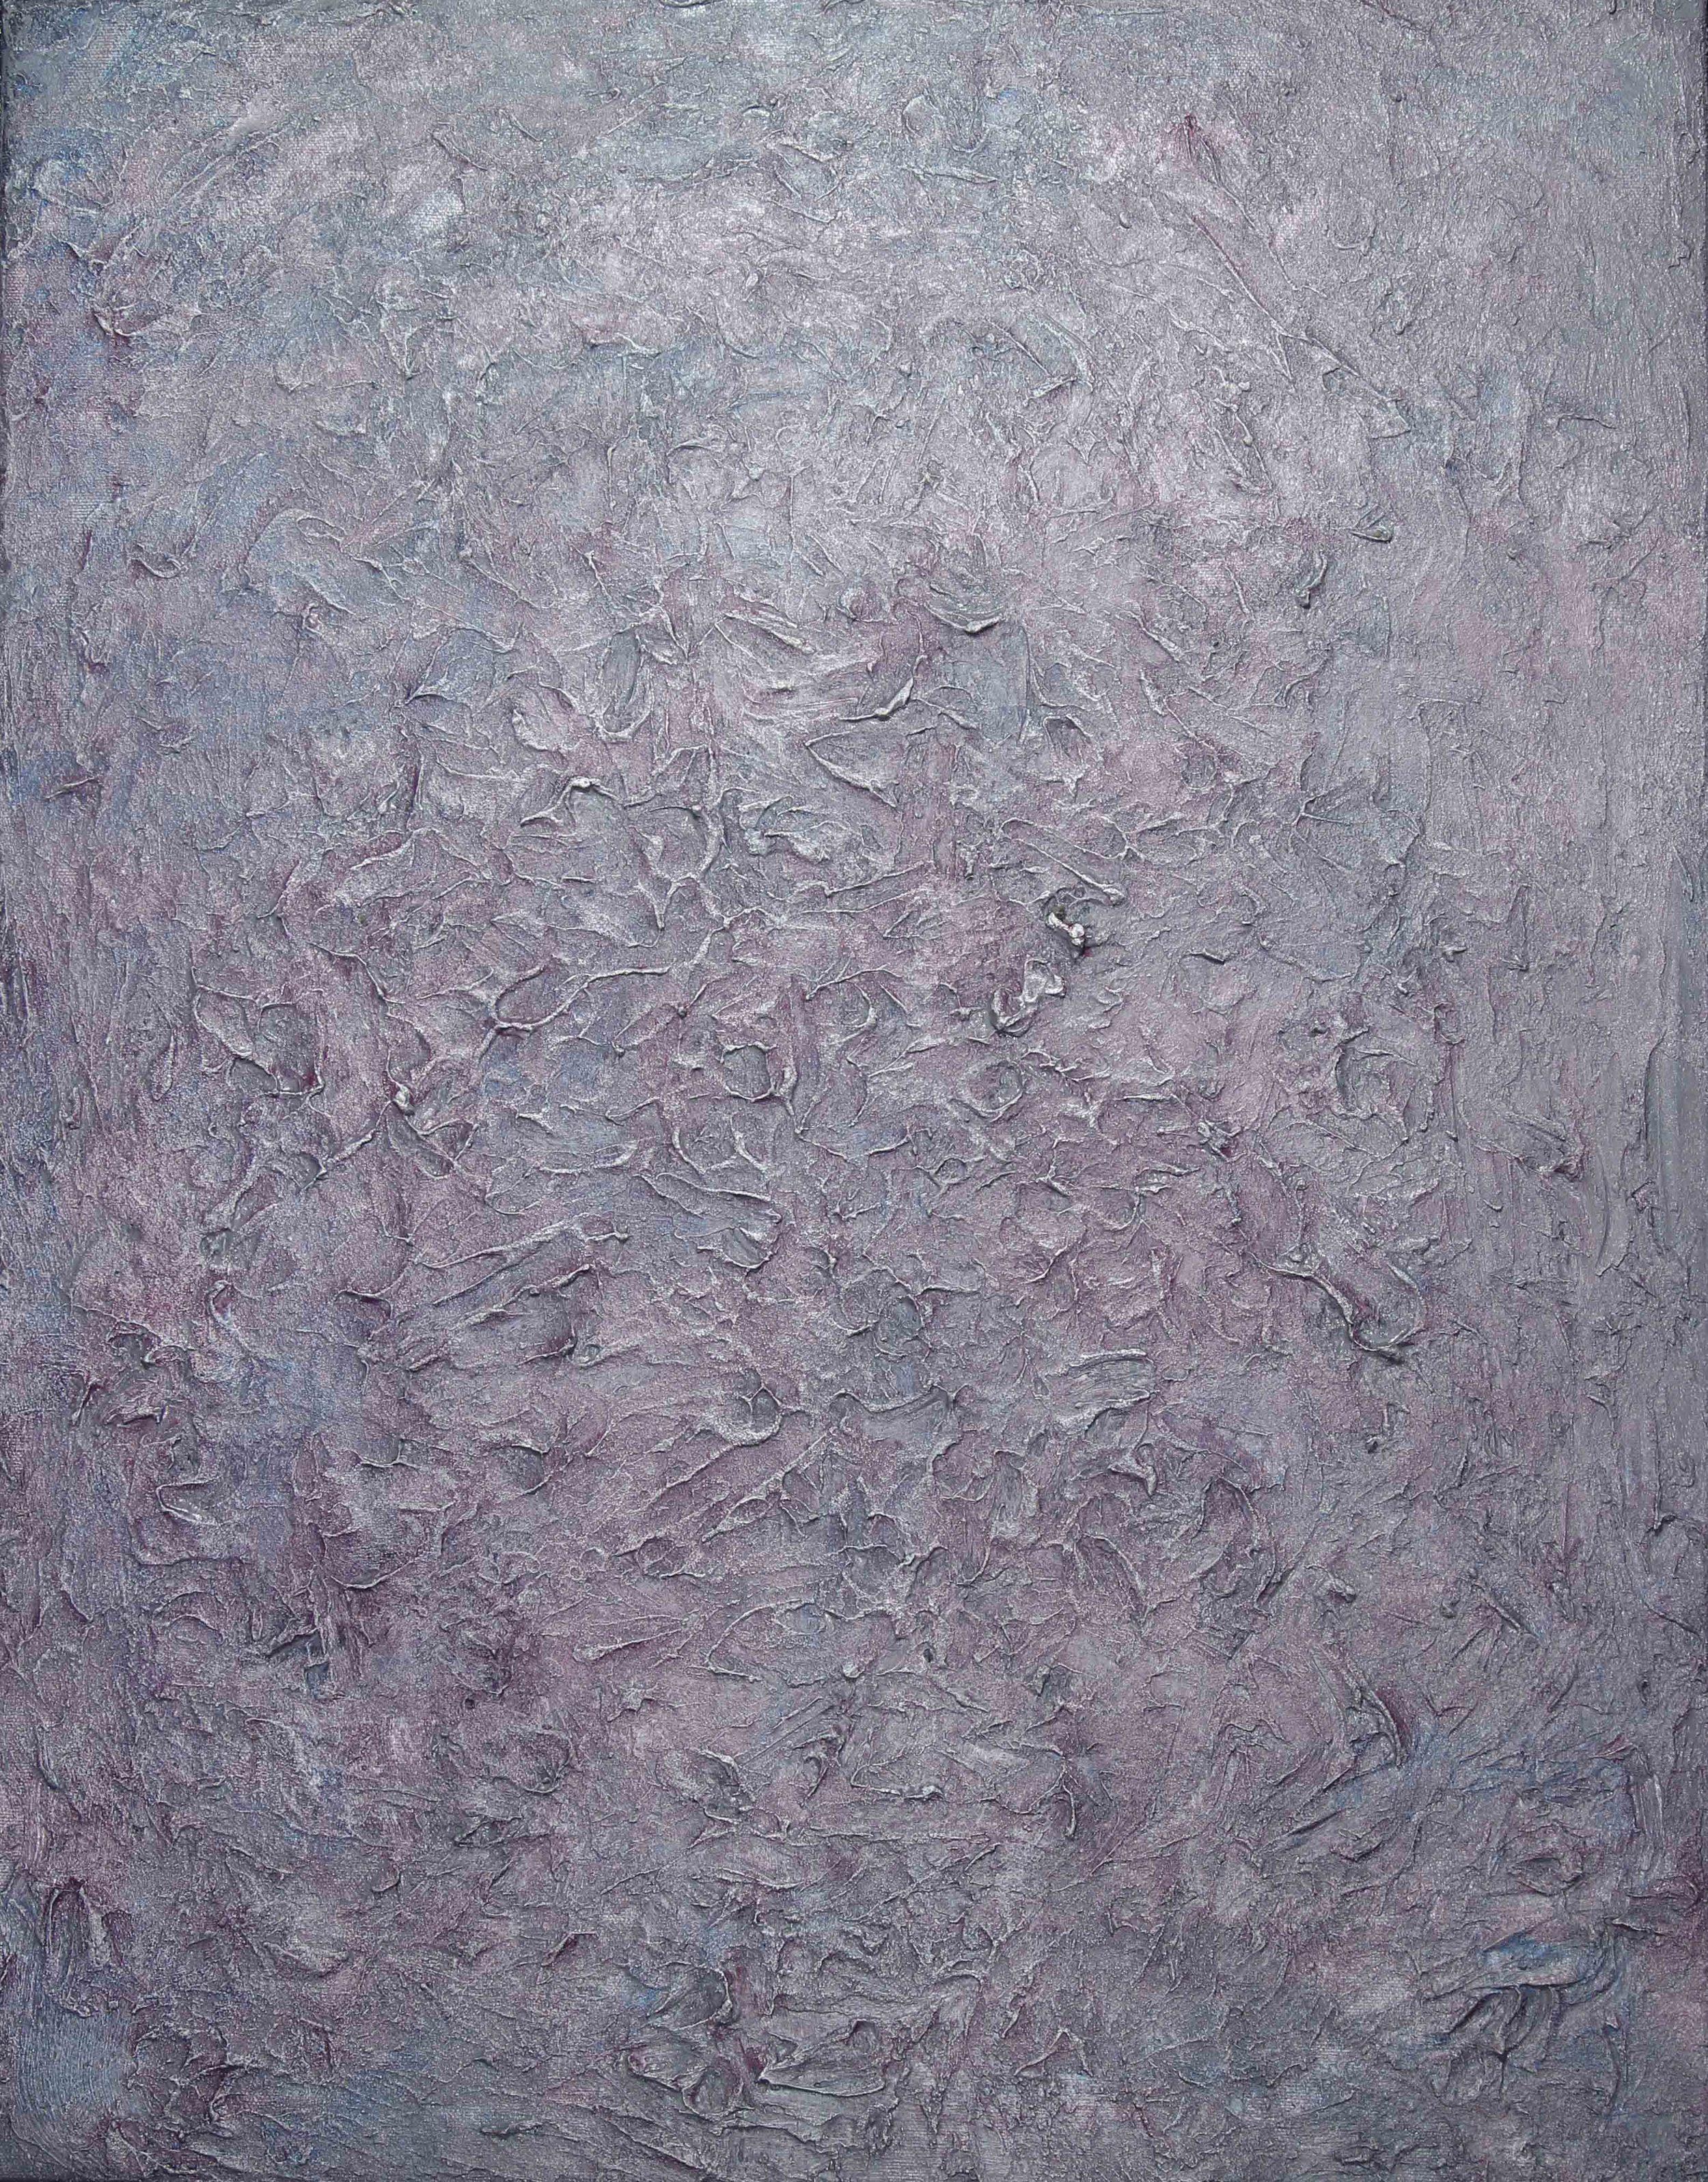 """January 2016  acrylic on canvas 25.5""""x20""""x1.5"""""""